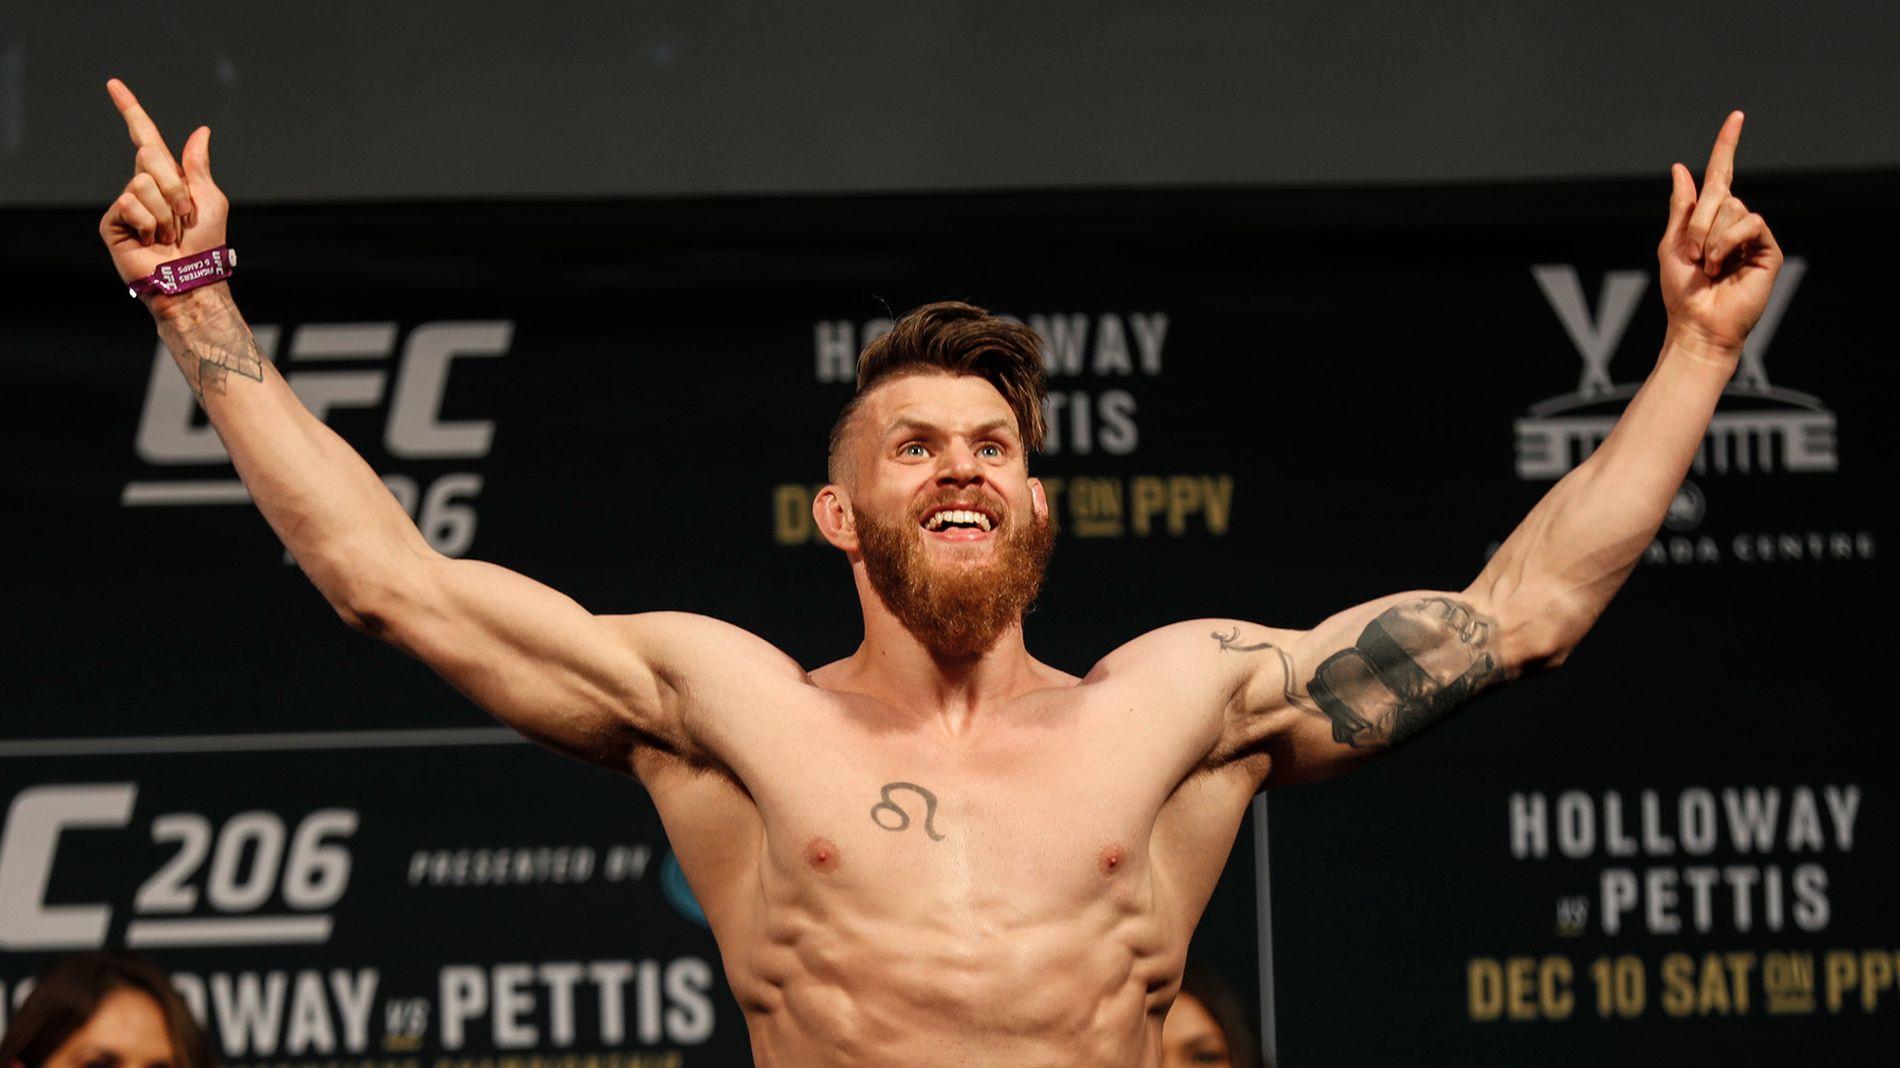 PÅ VEI TILBAKE: Emil Weber Meek, her på innveiingen før UFC-debuten i Toronto, kan omsider trene MMA igjen. Går alt etter planen er han kampklar til høsten.